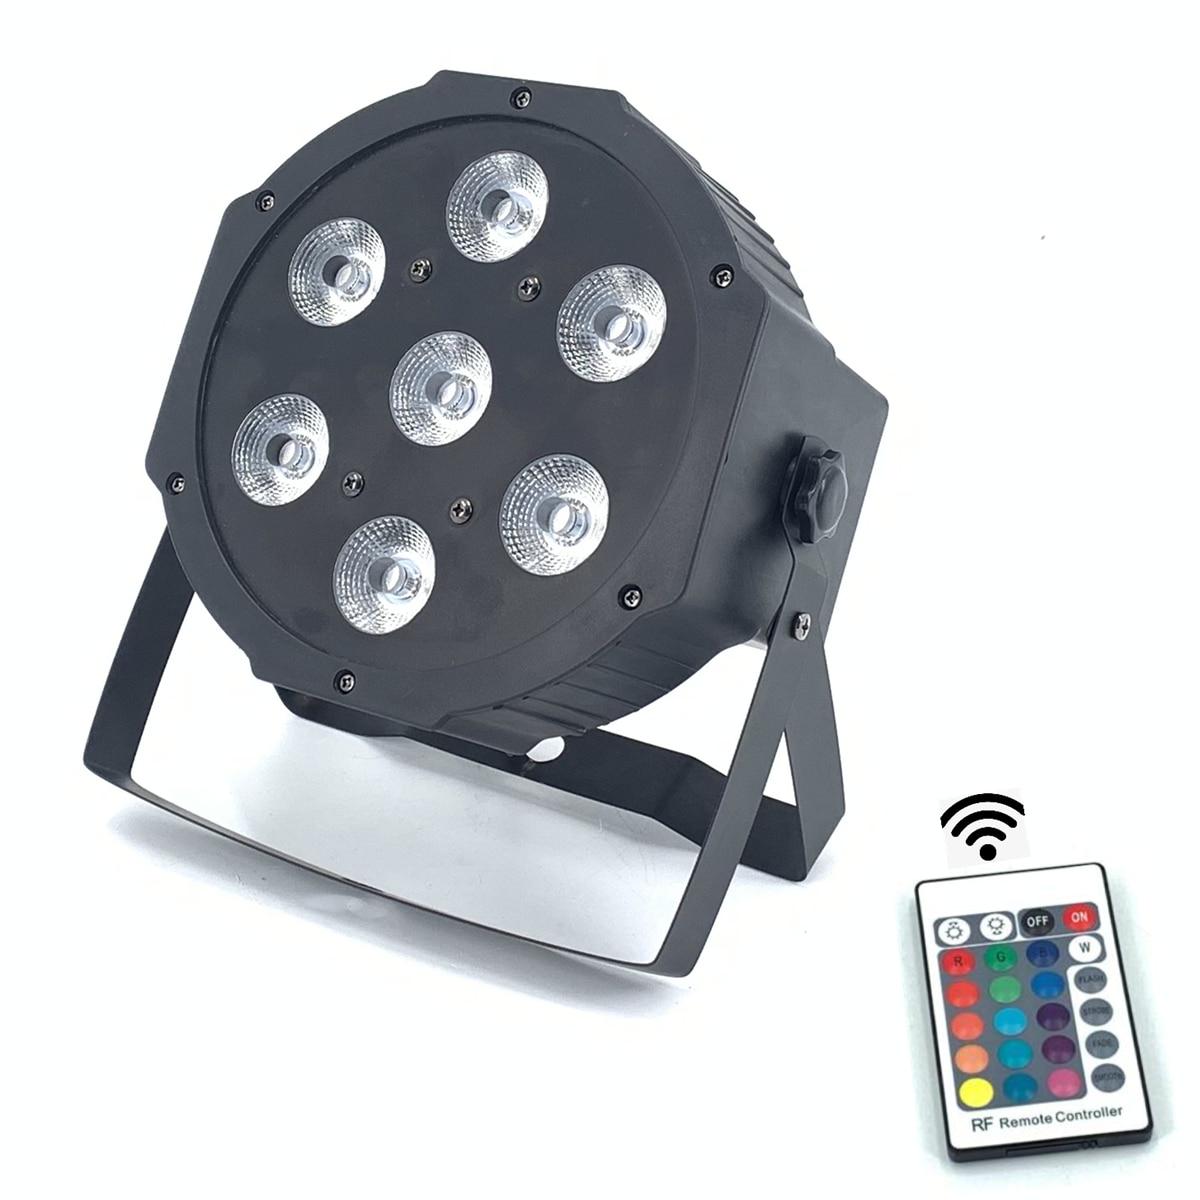 Controle remoto sem fio led o mais brilhante 8 canais dmx led plana par 7x12 w rgbw 4in1 transporte rápido